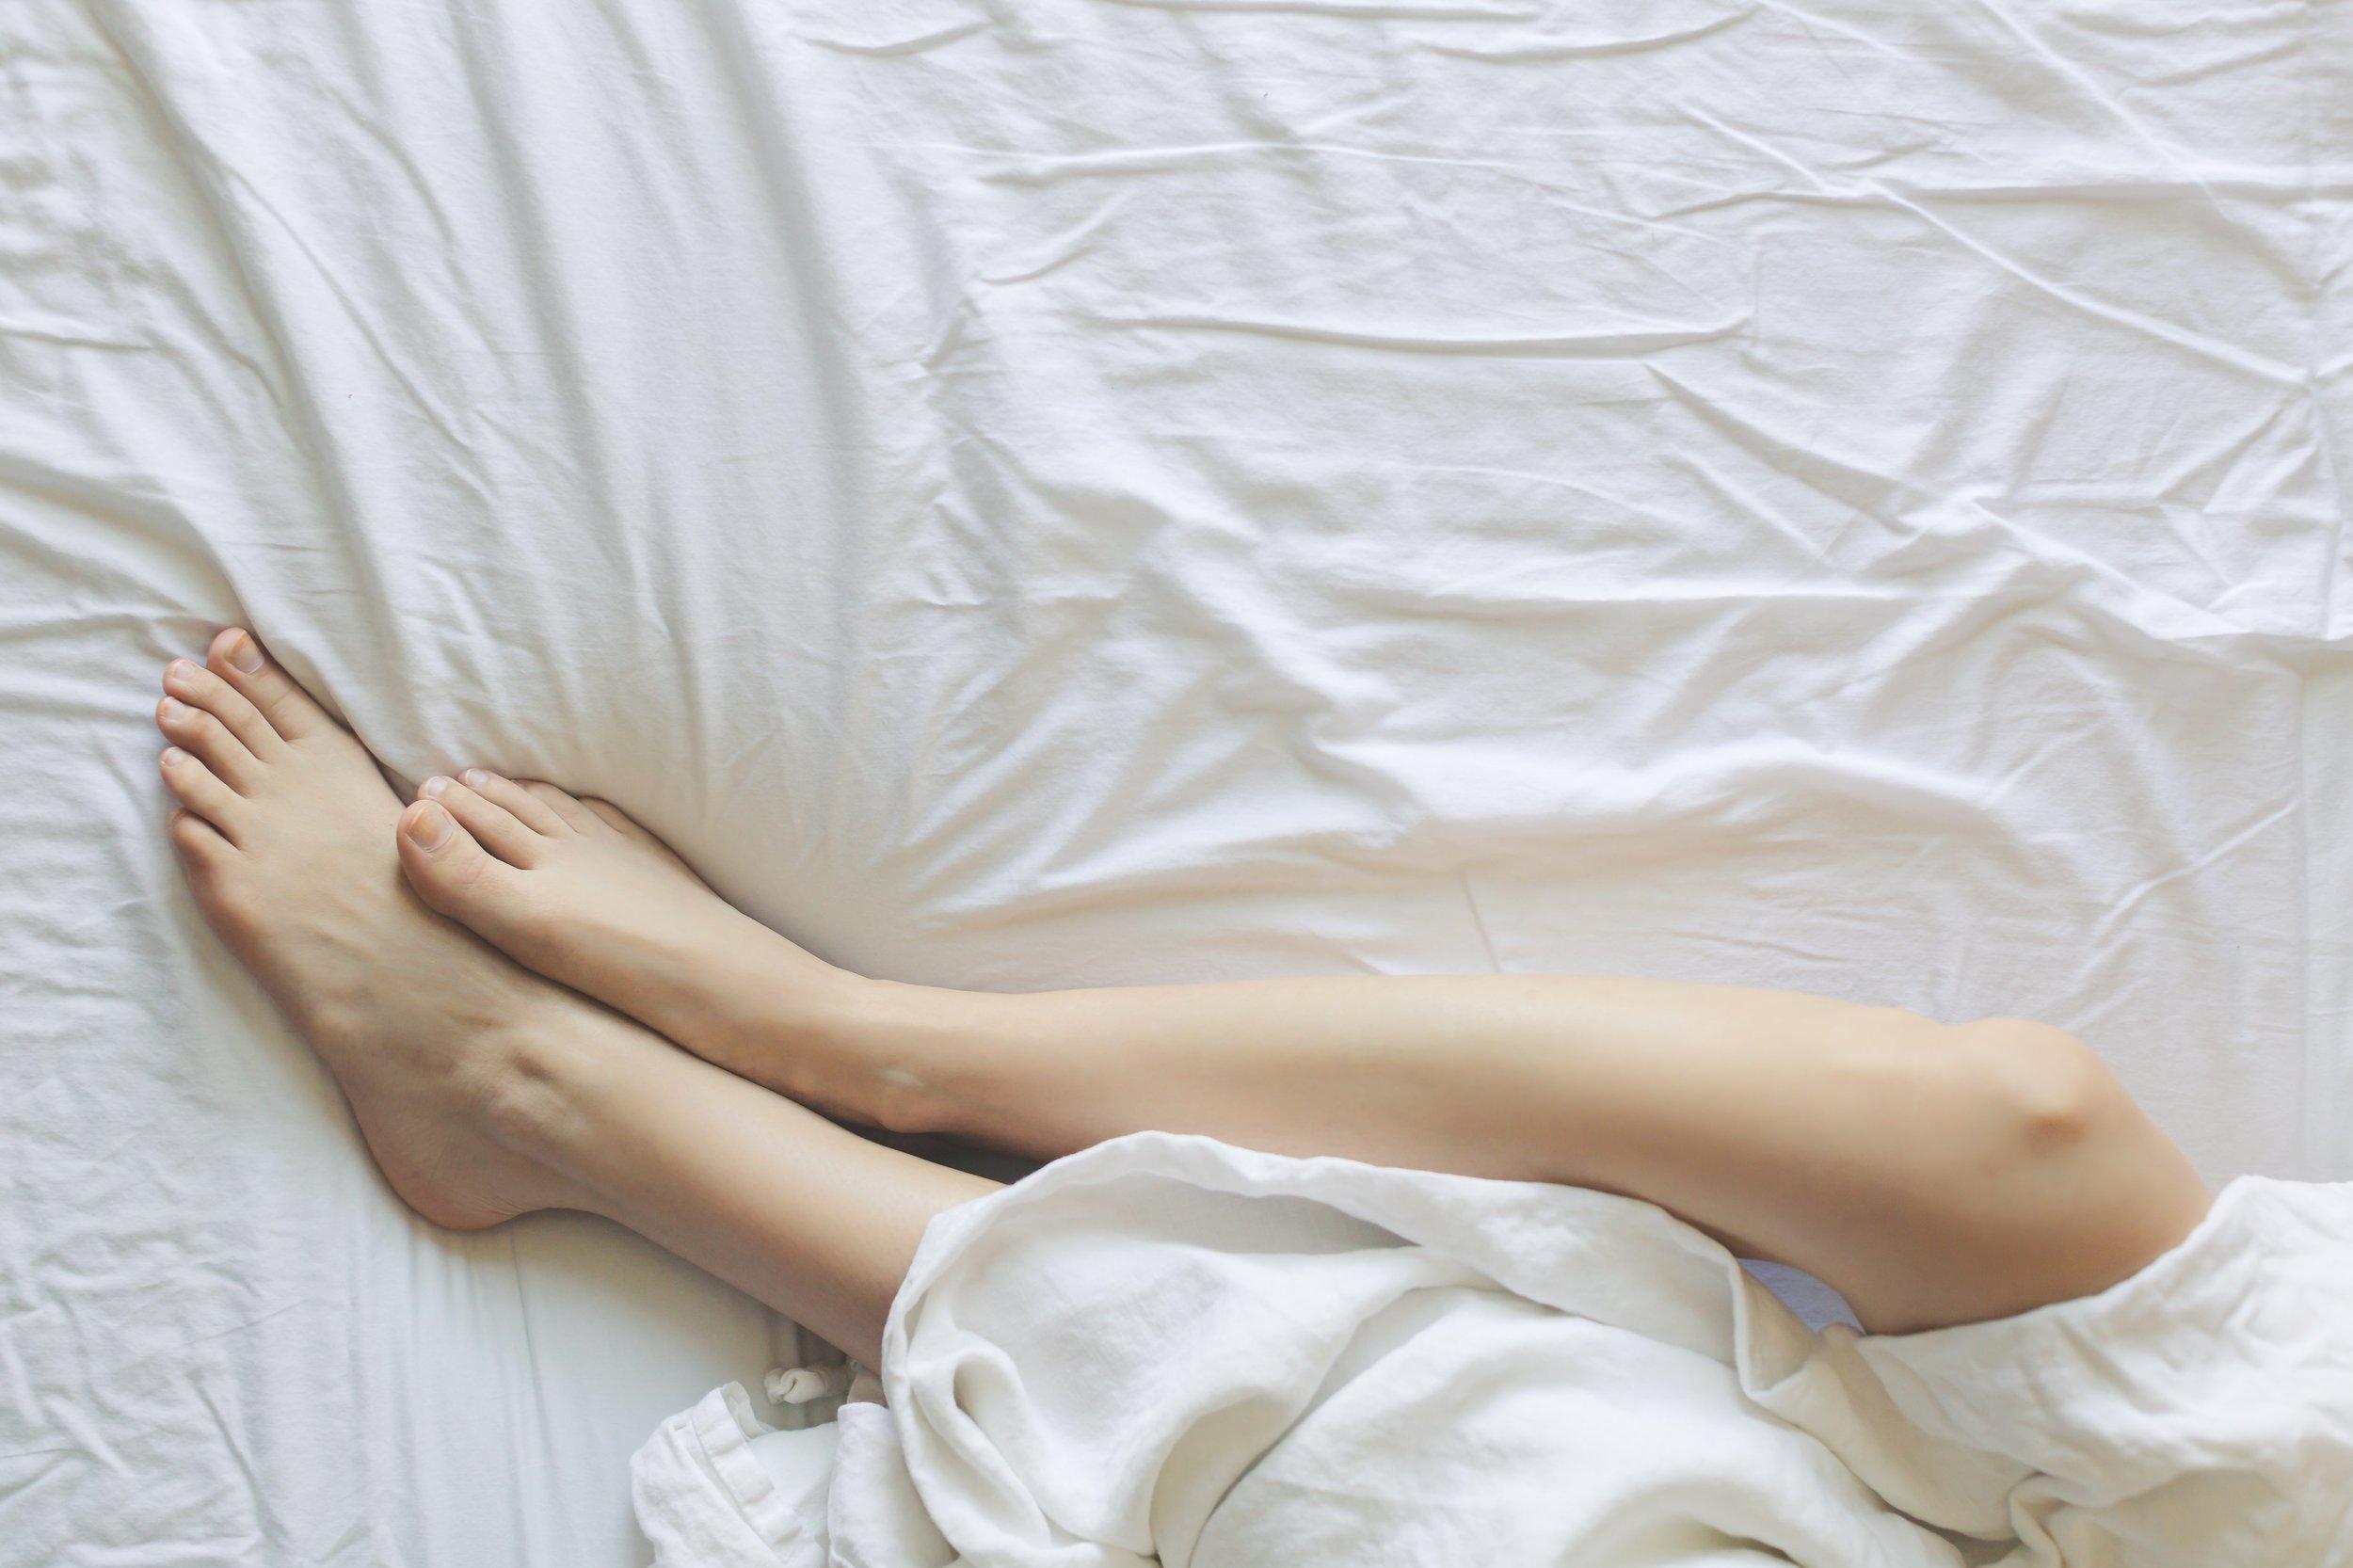 legs_sheets.jpeg